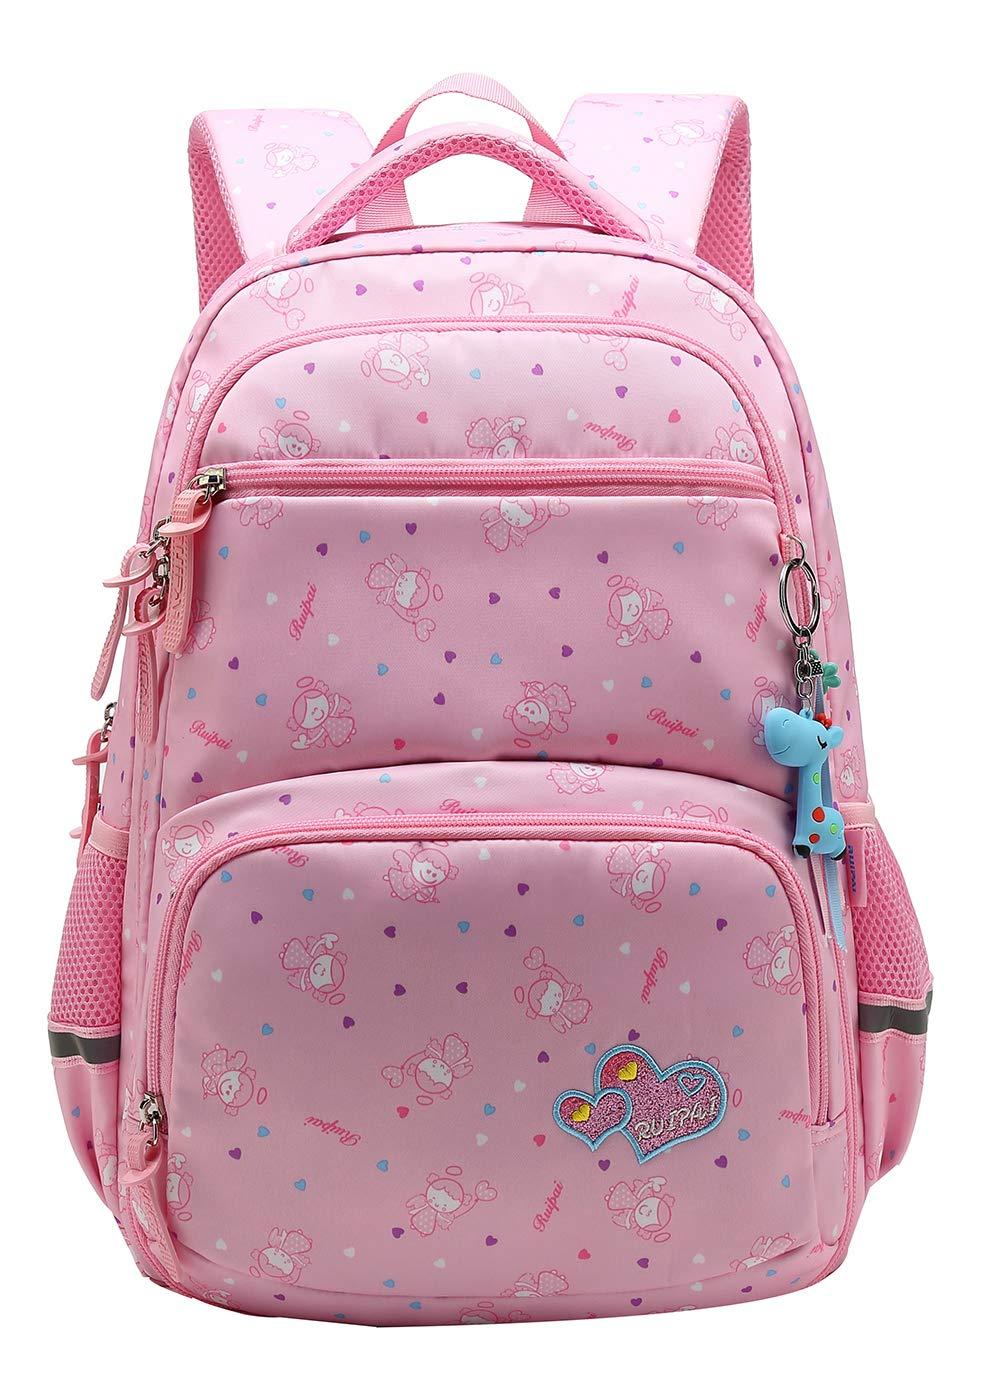 712pyE5rq%2BL - SellerFun UKXB106 - Mochila Infantil Niños, 22 L Style B Pink (Rosa) - UKXB426E1